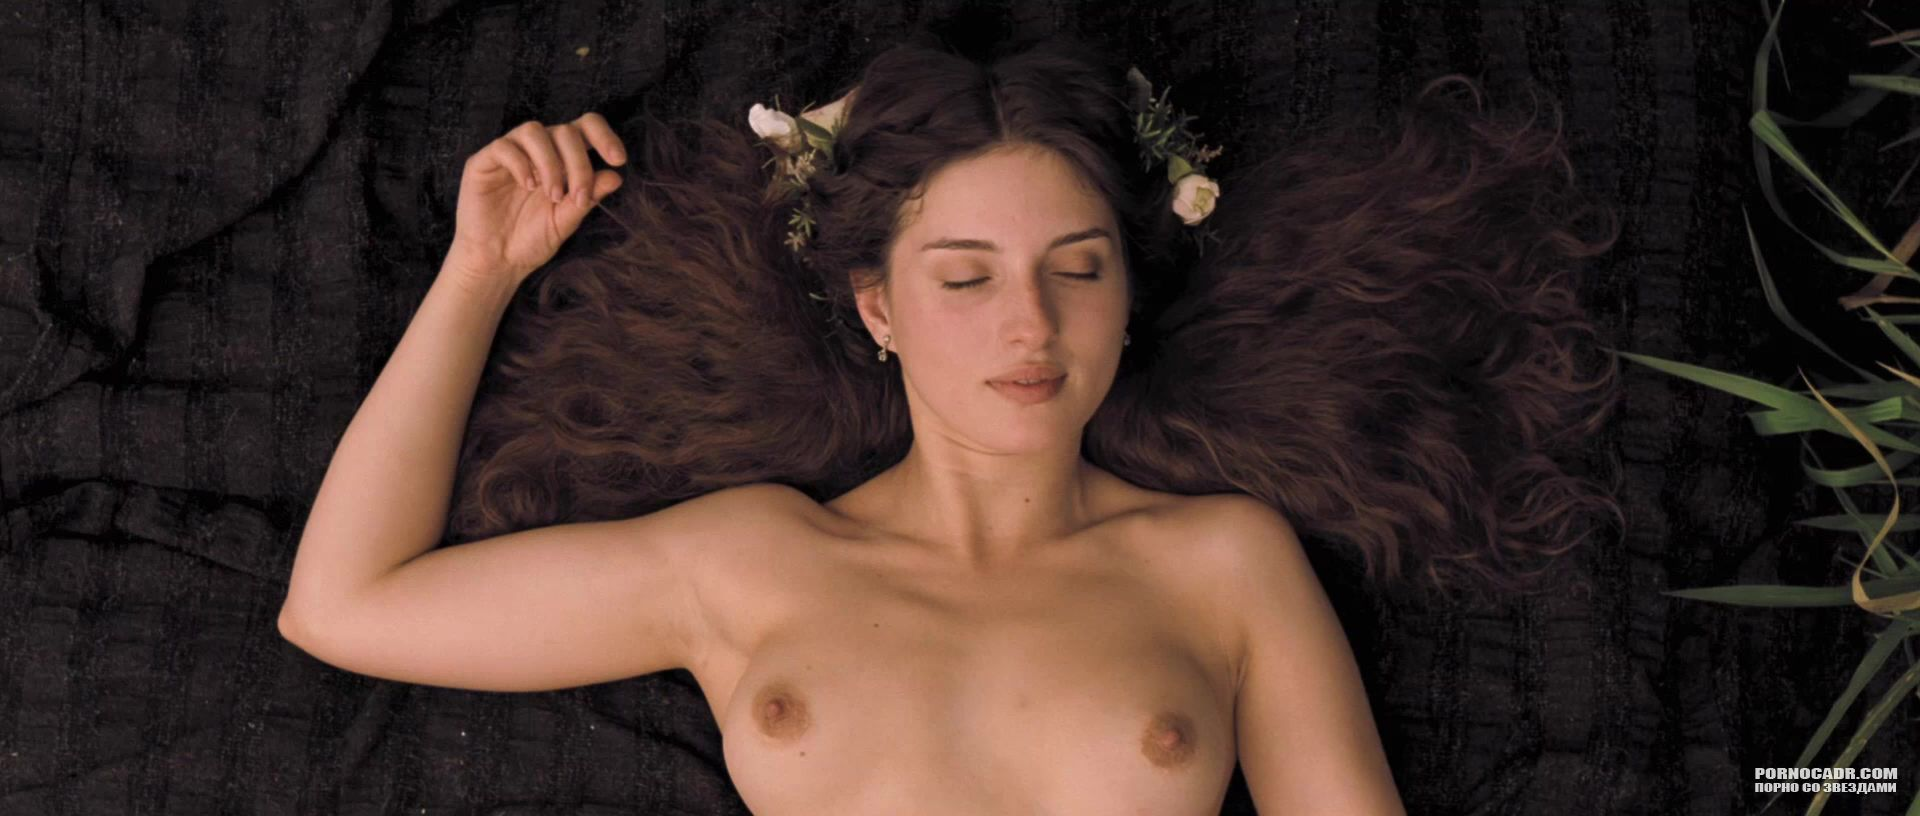 Порно видео с мария вальверде